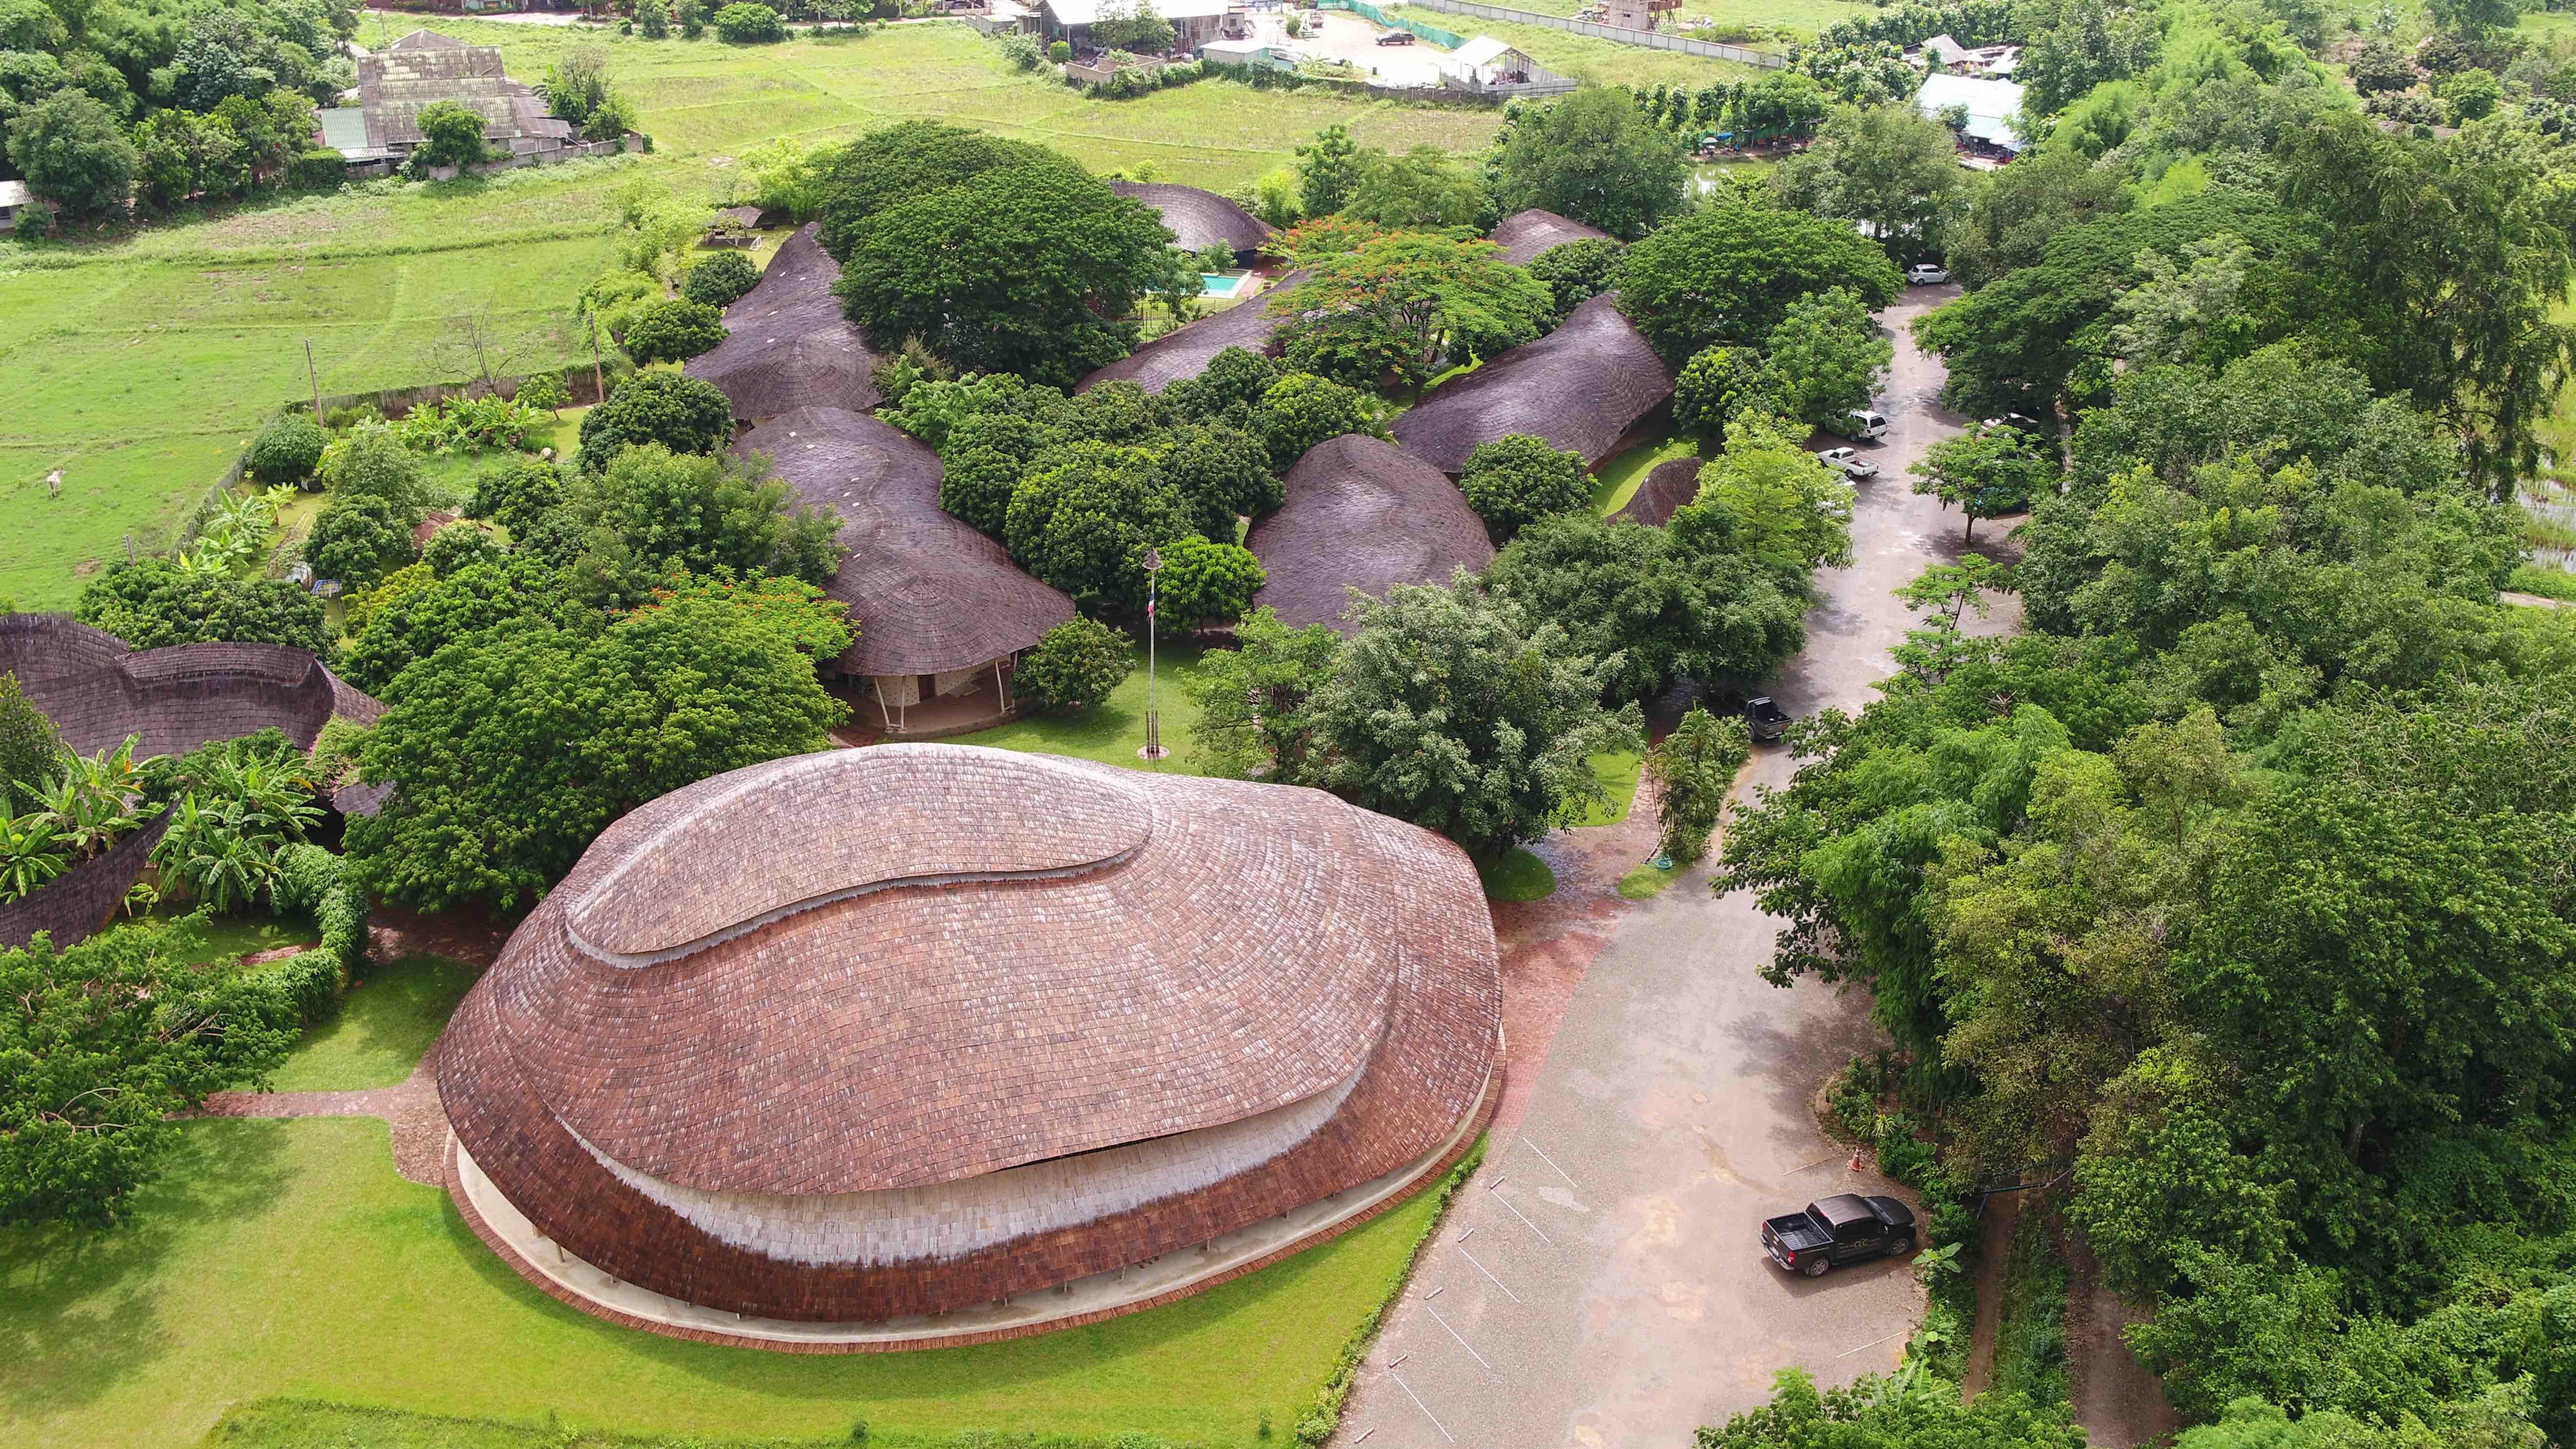 Source: Chiangmai Life Architects